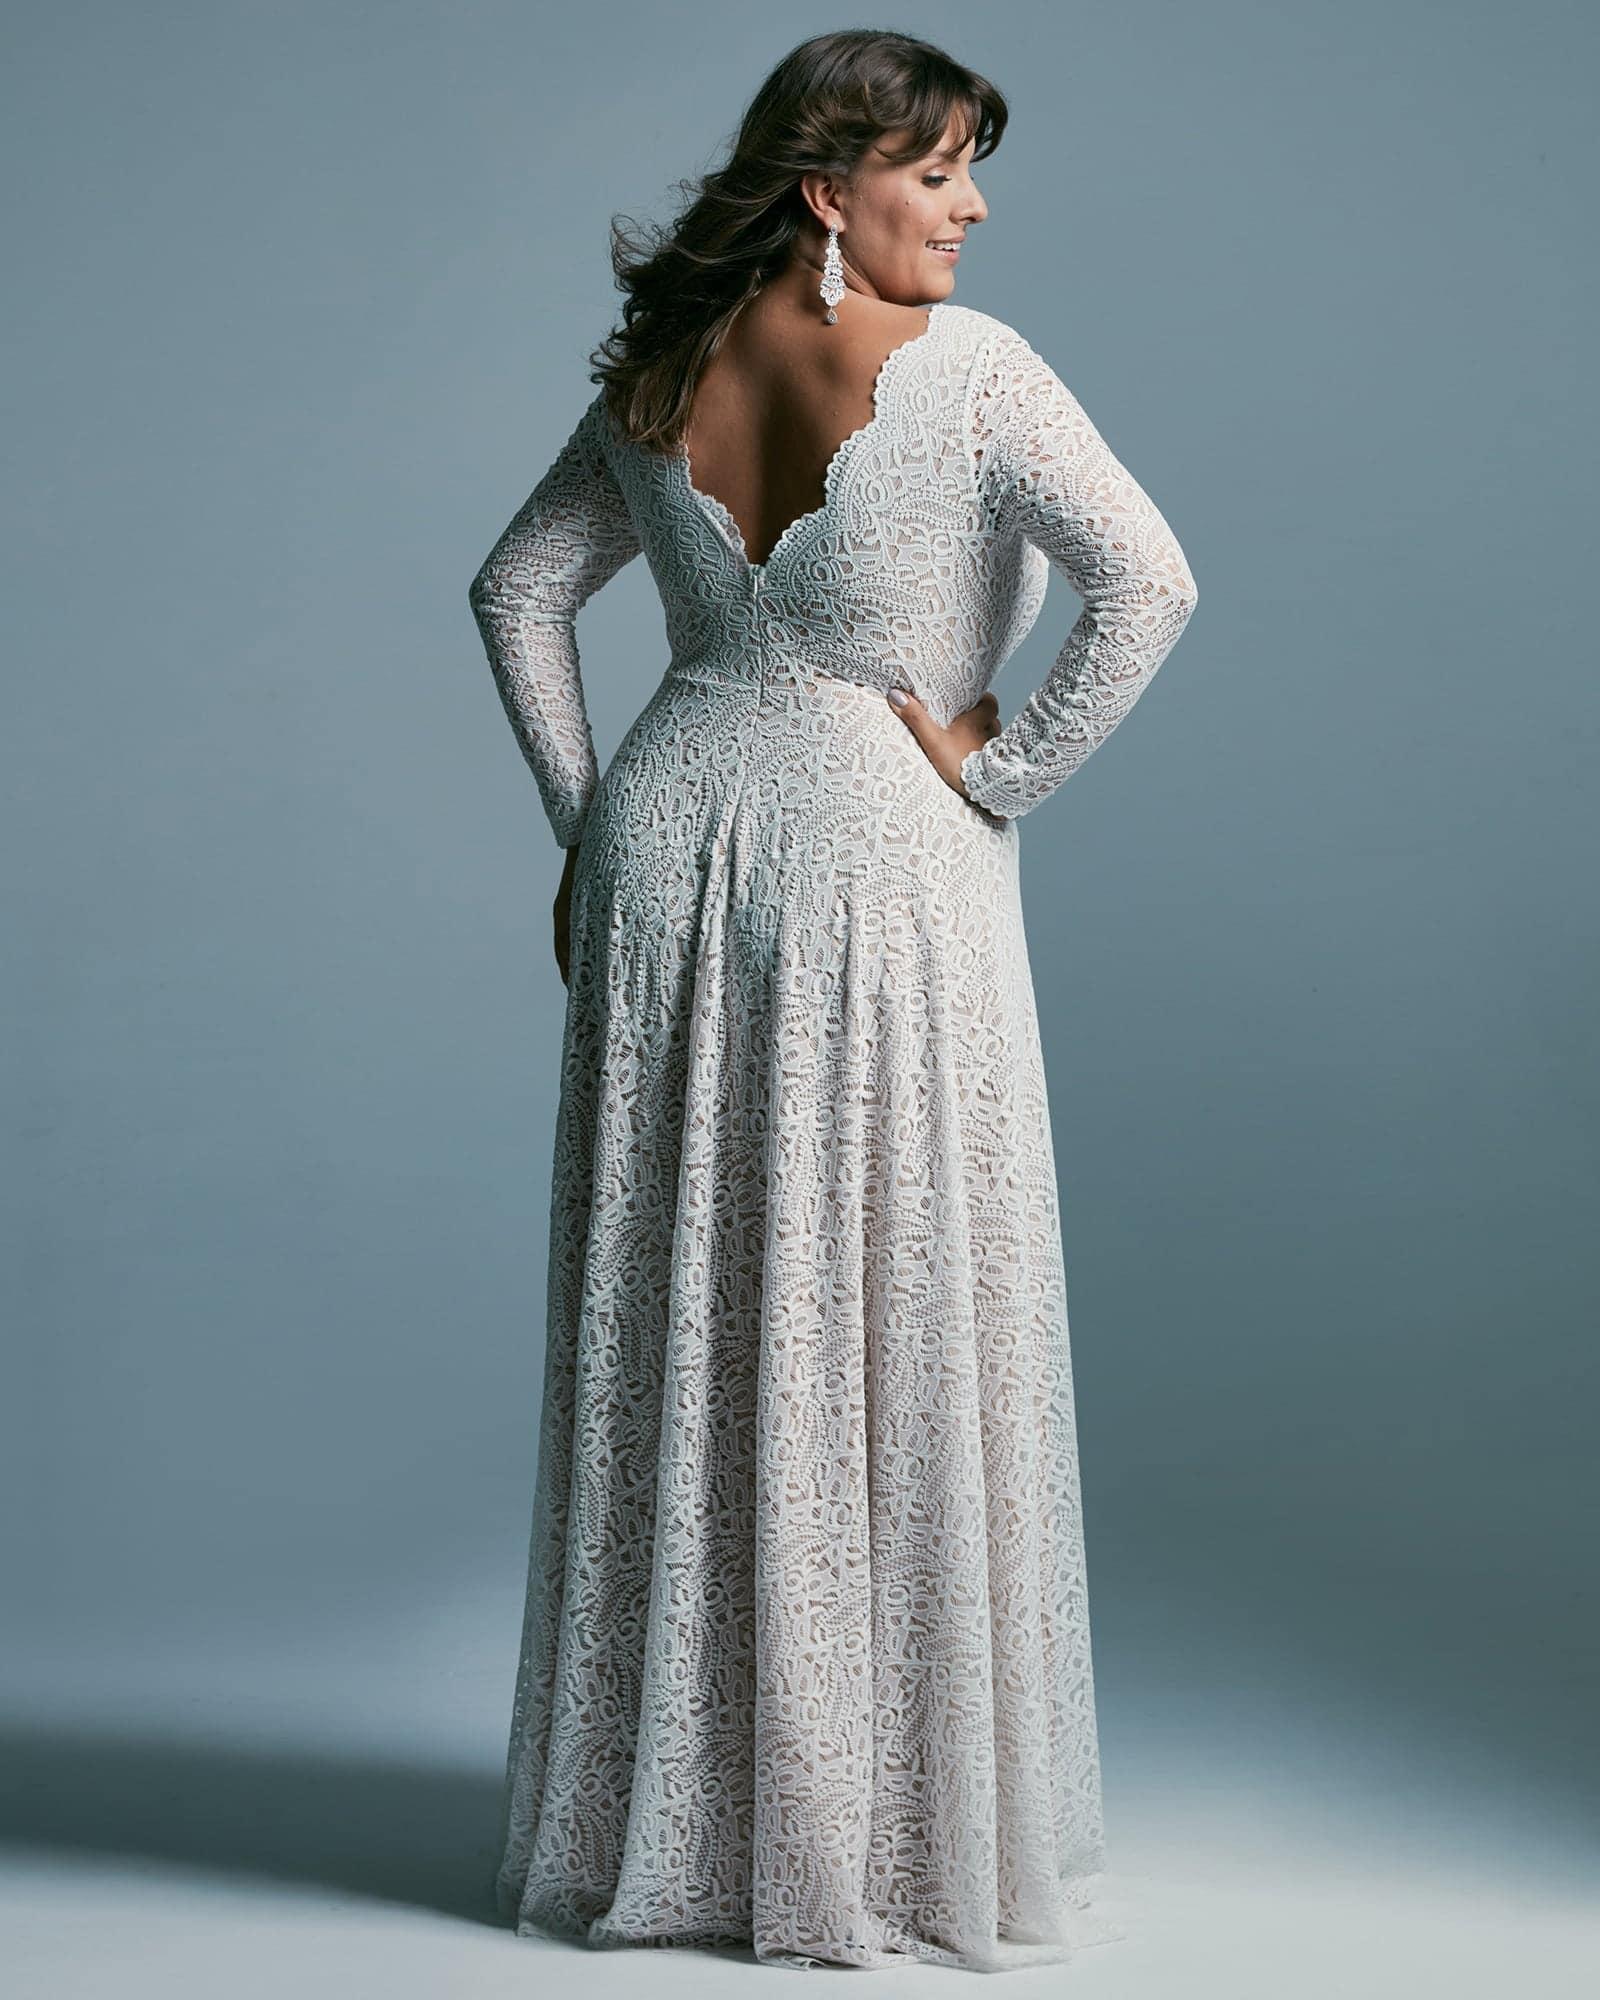 Efektowna zabudowana suknia ślubna plus size z głebokim rozcięciem na nogę. Pieknie modelująca, z długimi rękawami z koronki o delikatnej fakturze.